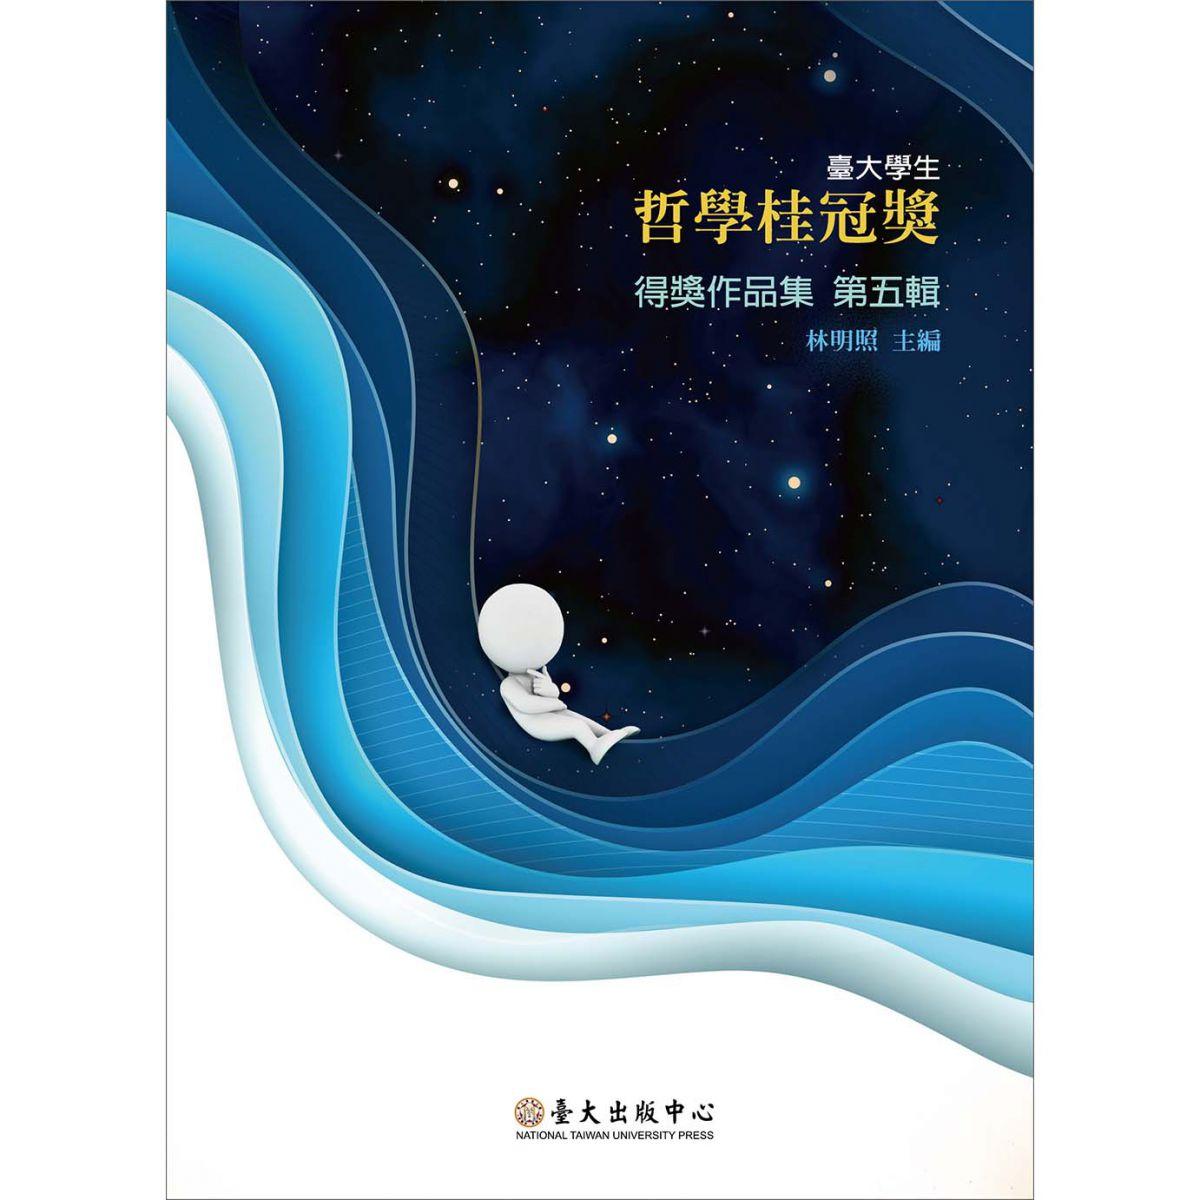 《臺大學生哲學桂冠獎得獎作品集 第五輯》反思自我和社會之意義